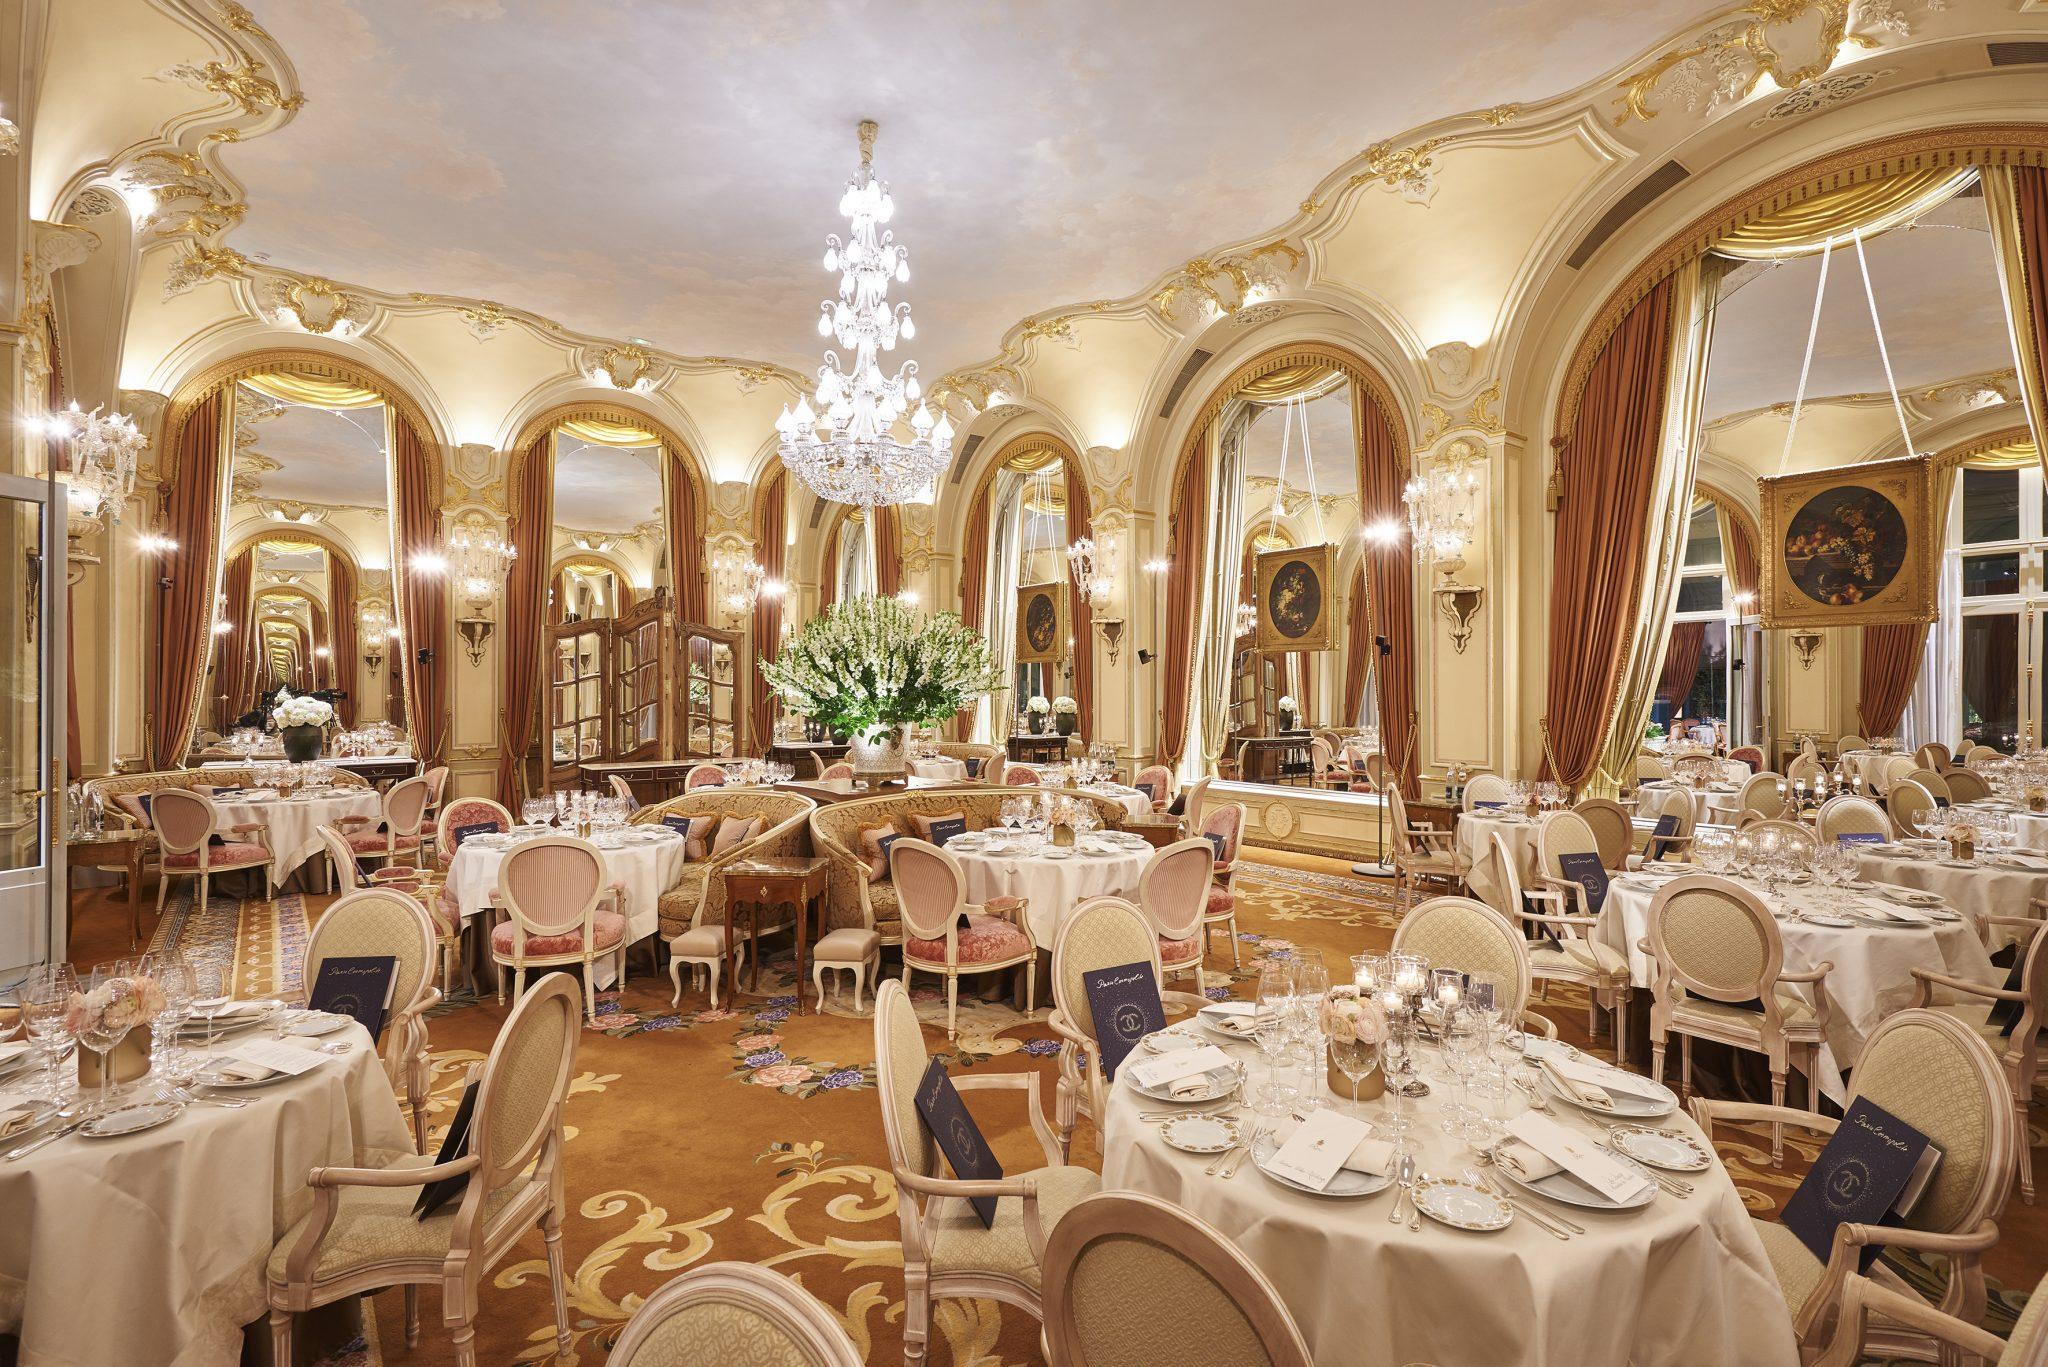 Chanel At Ritz * Paris - The Hotel Trotter tout Salon De Jardin Alice Garden